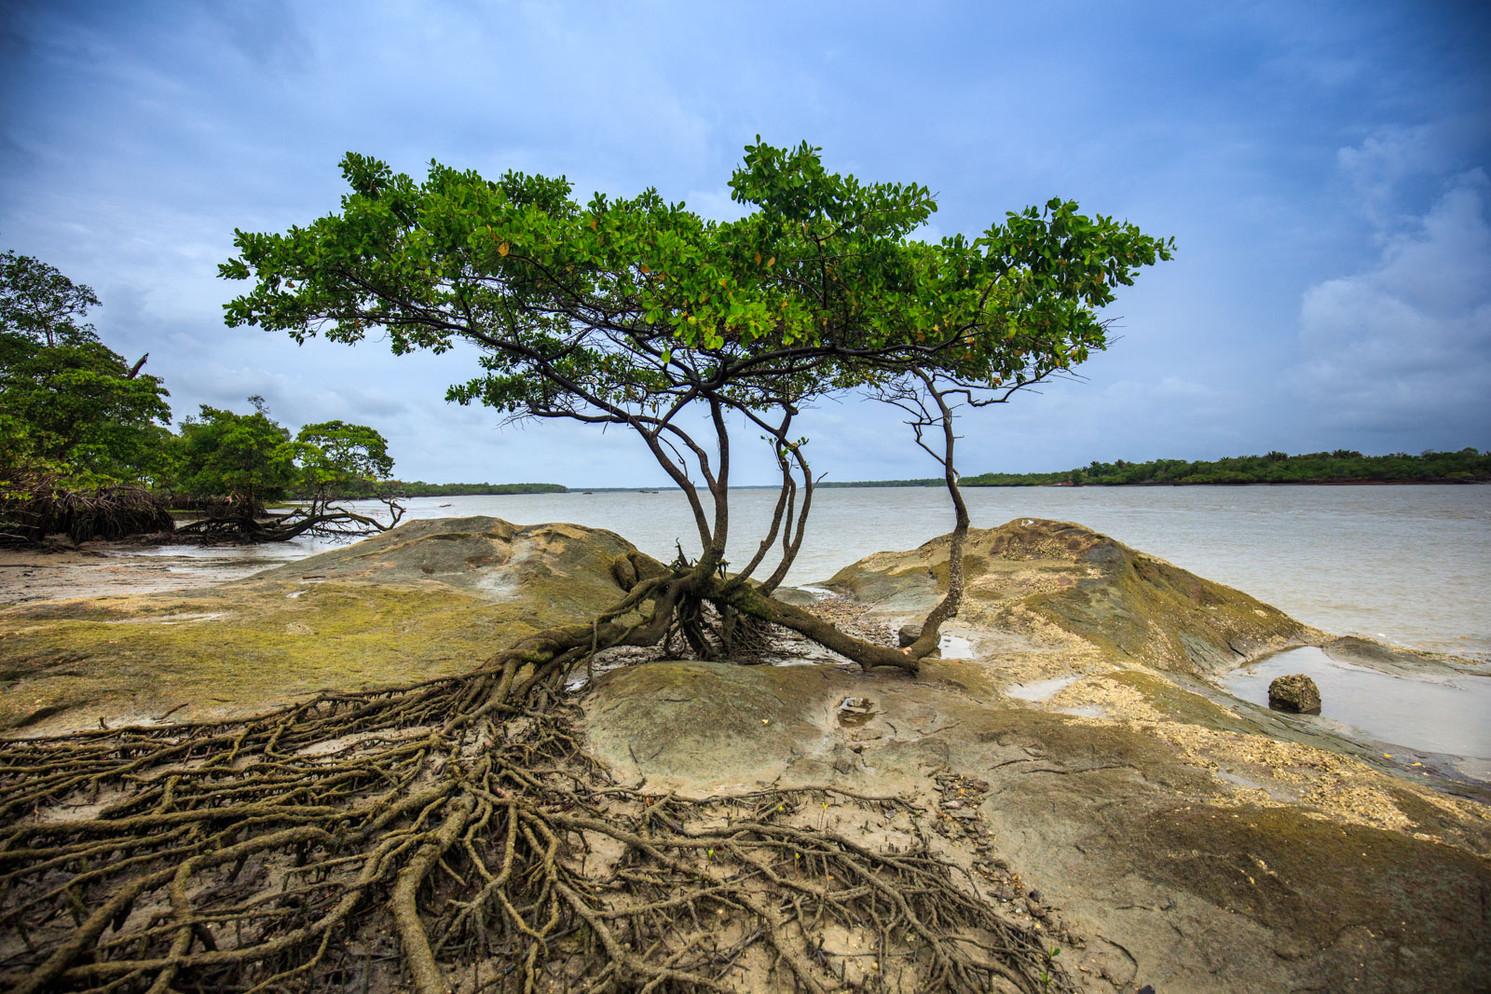 Carutapera - Maranhão